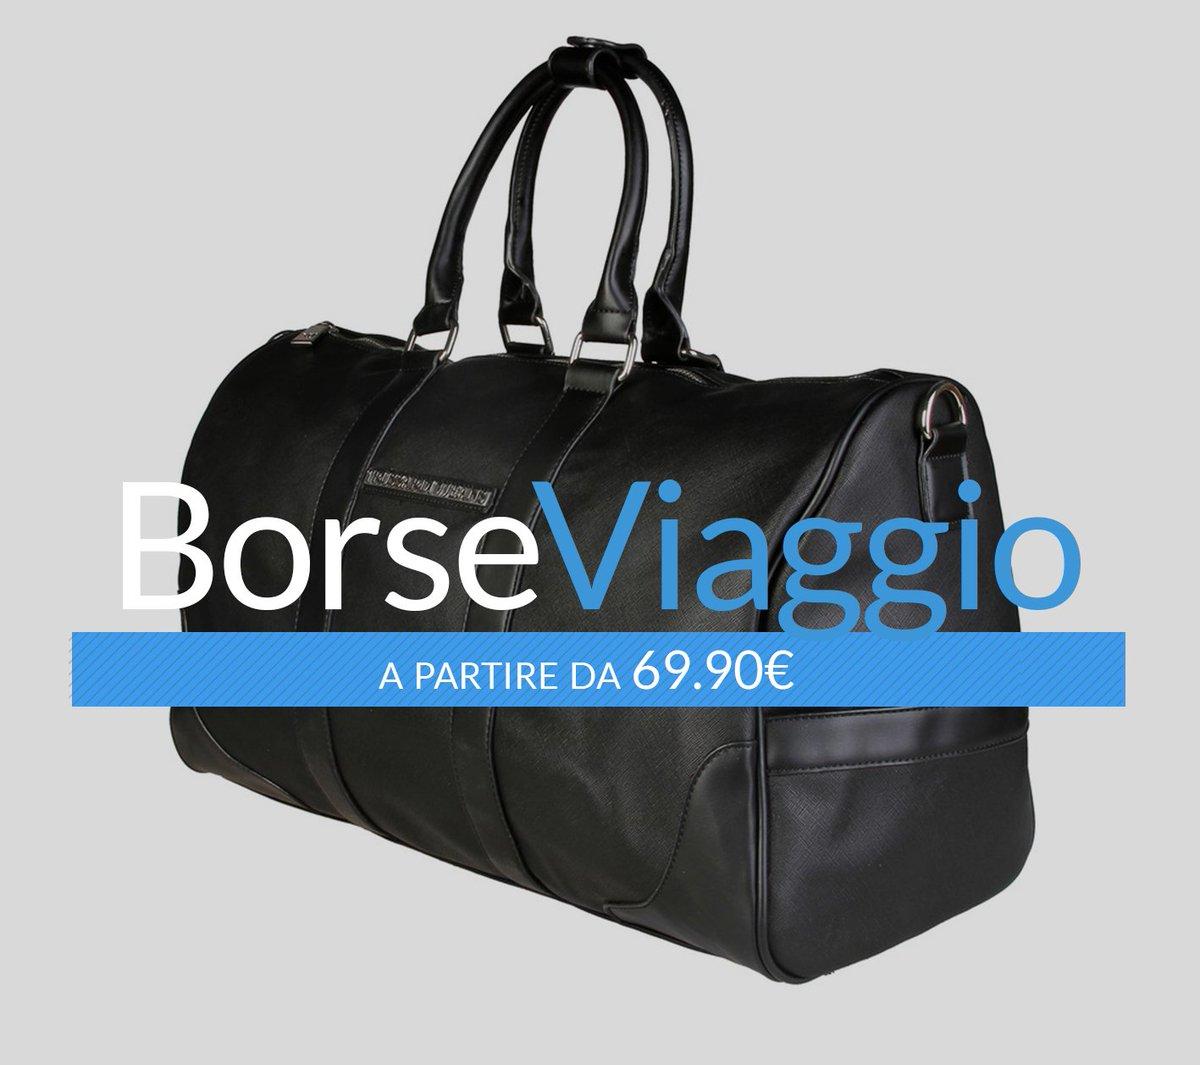 http://picadella.letsell.comDevi ancora partire per le vacanze?Su Picadella trovi le borse da viaggio a prezzi outlet!!!#20Agosto #scritturebrevi #SassuoloInter #Mazzarri #Turchia #BHAMUN #saldi #vacanze #Trussardi #borse #viaggio #estate #shoppingonline #outlet #sconti #occasioni  - Ukustom